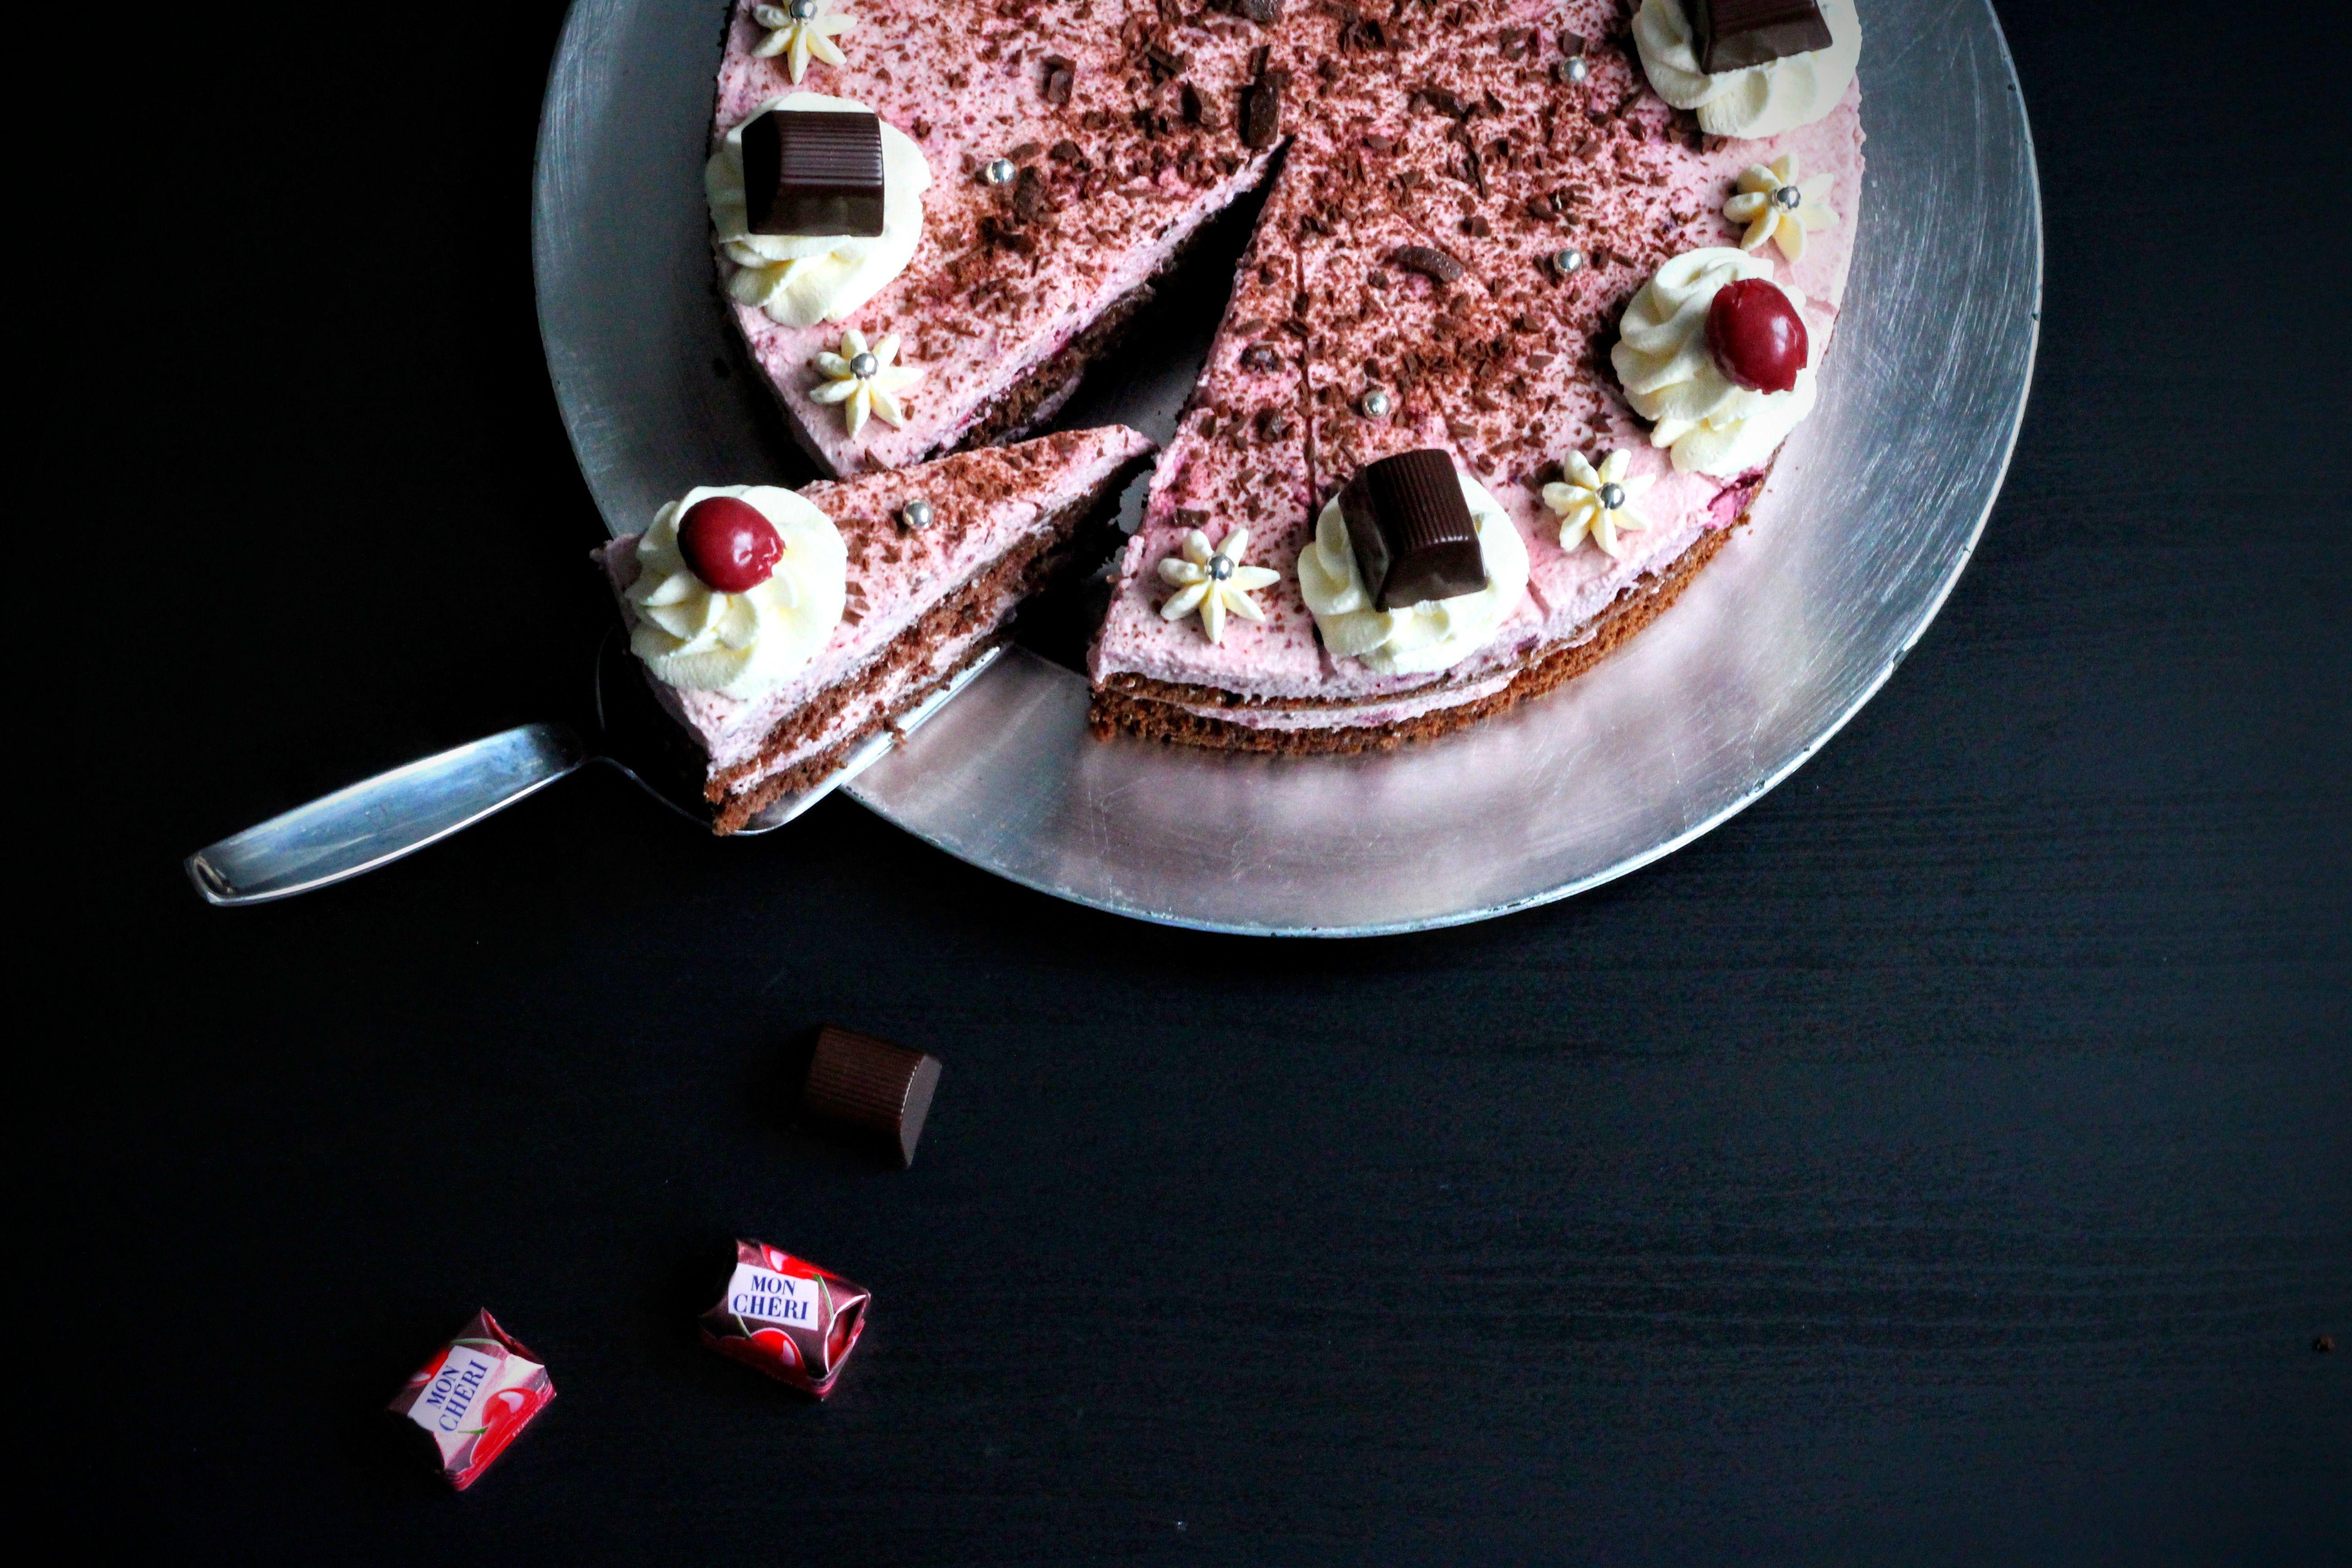 Wenn Kirsche auf Schokolade trifft wird an den besinnlichen Festtagen niemand zur rosafarbenen Mon